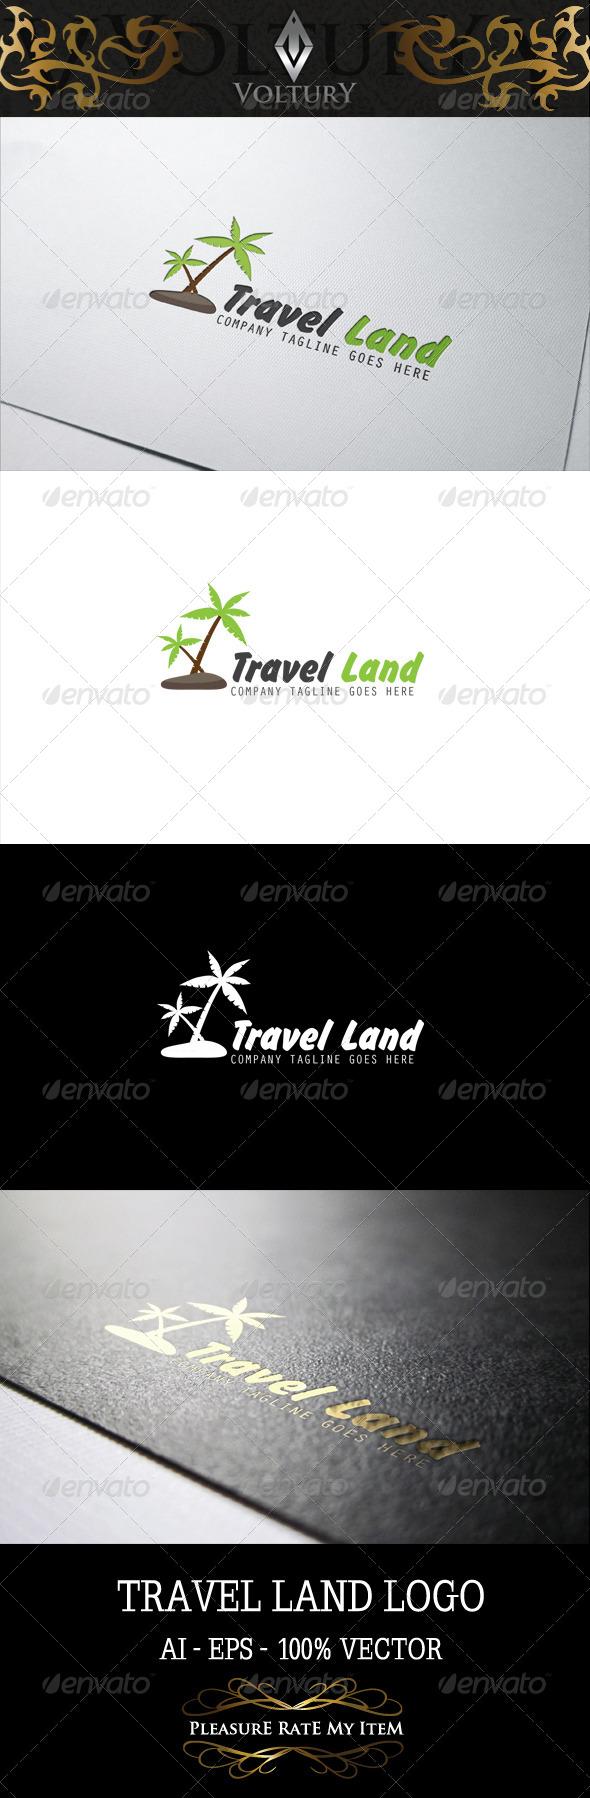 Travel Land Logo